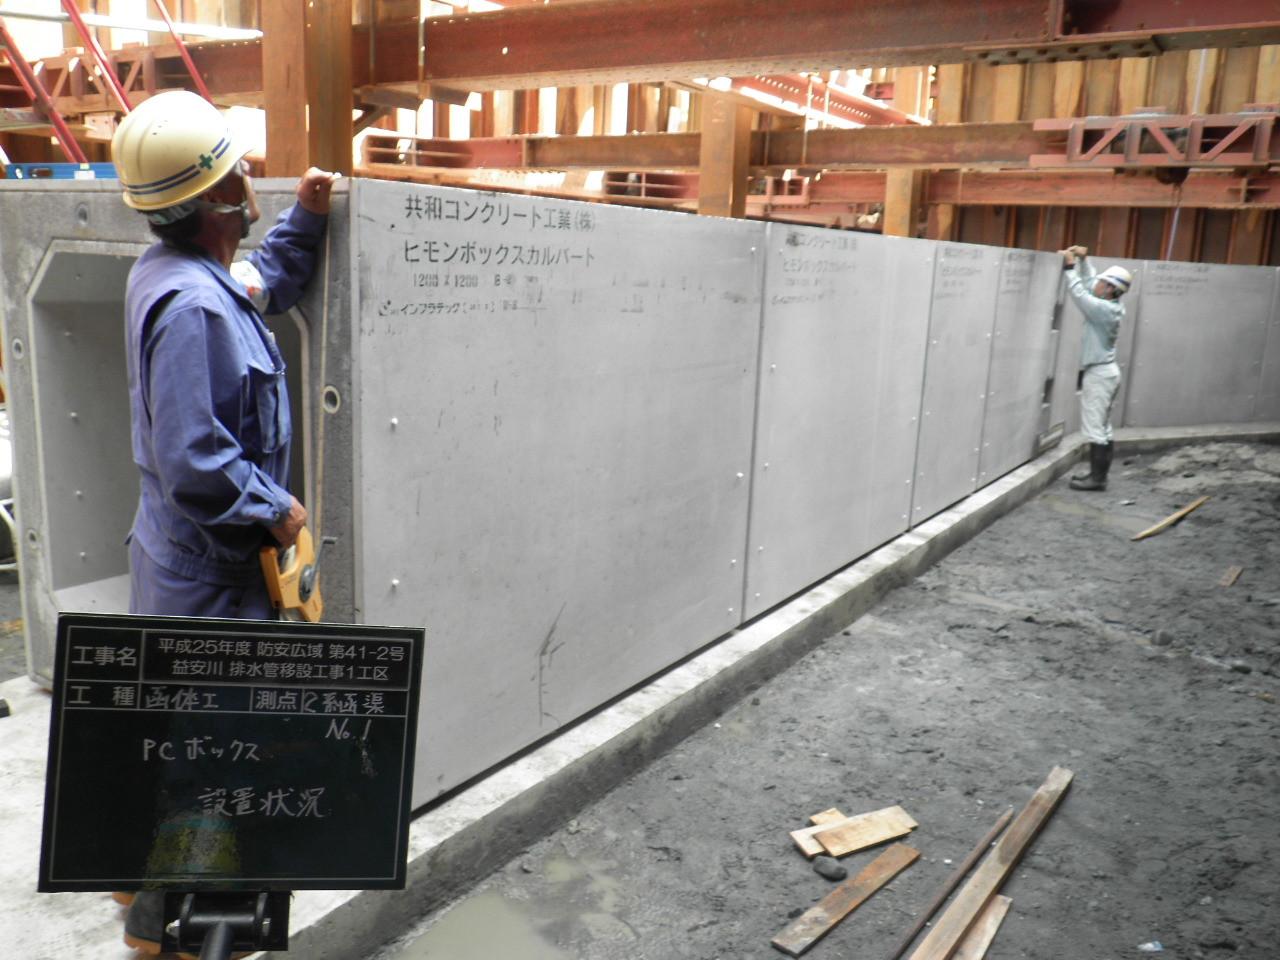 平成25年度  防安広域 第41-2号 益安川 排水管移設工事 1工区